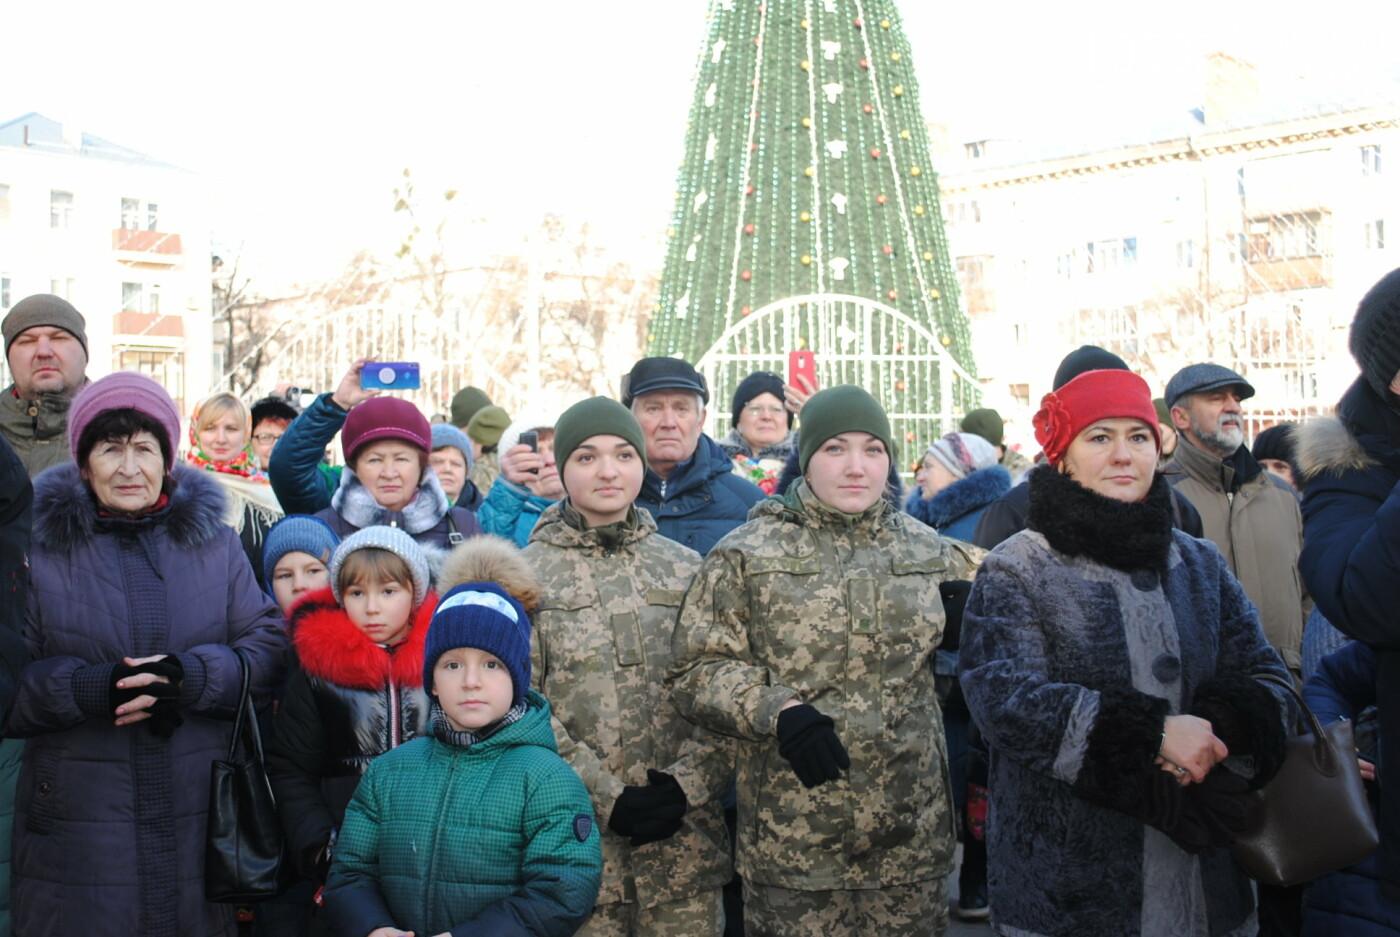 У Полтаві розгорнулося вертепне дійство з колядками та щедрівками «Різдвяна феєрія» (ФОТО), фото-18